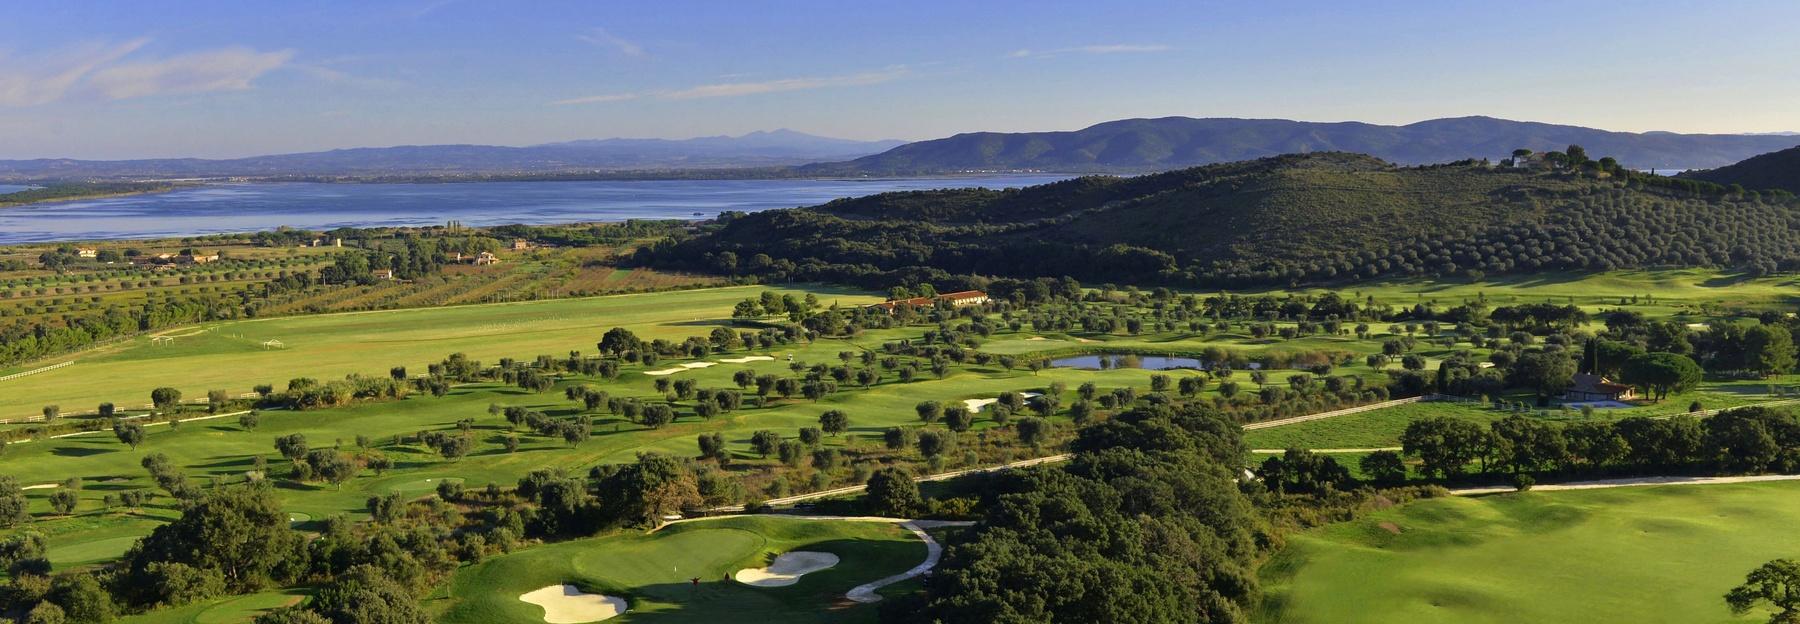 Argentario Golf Course